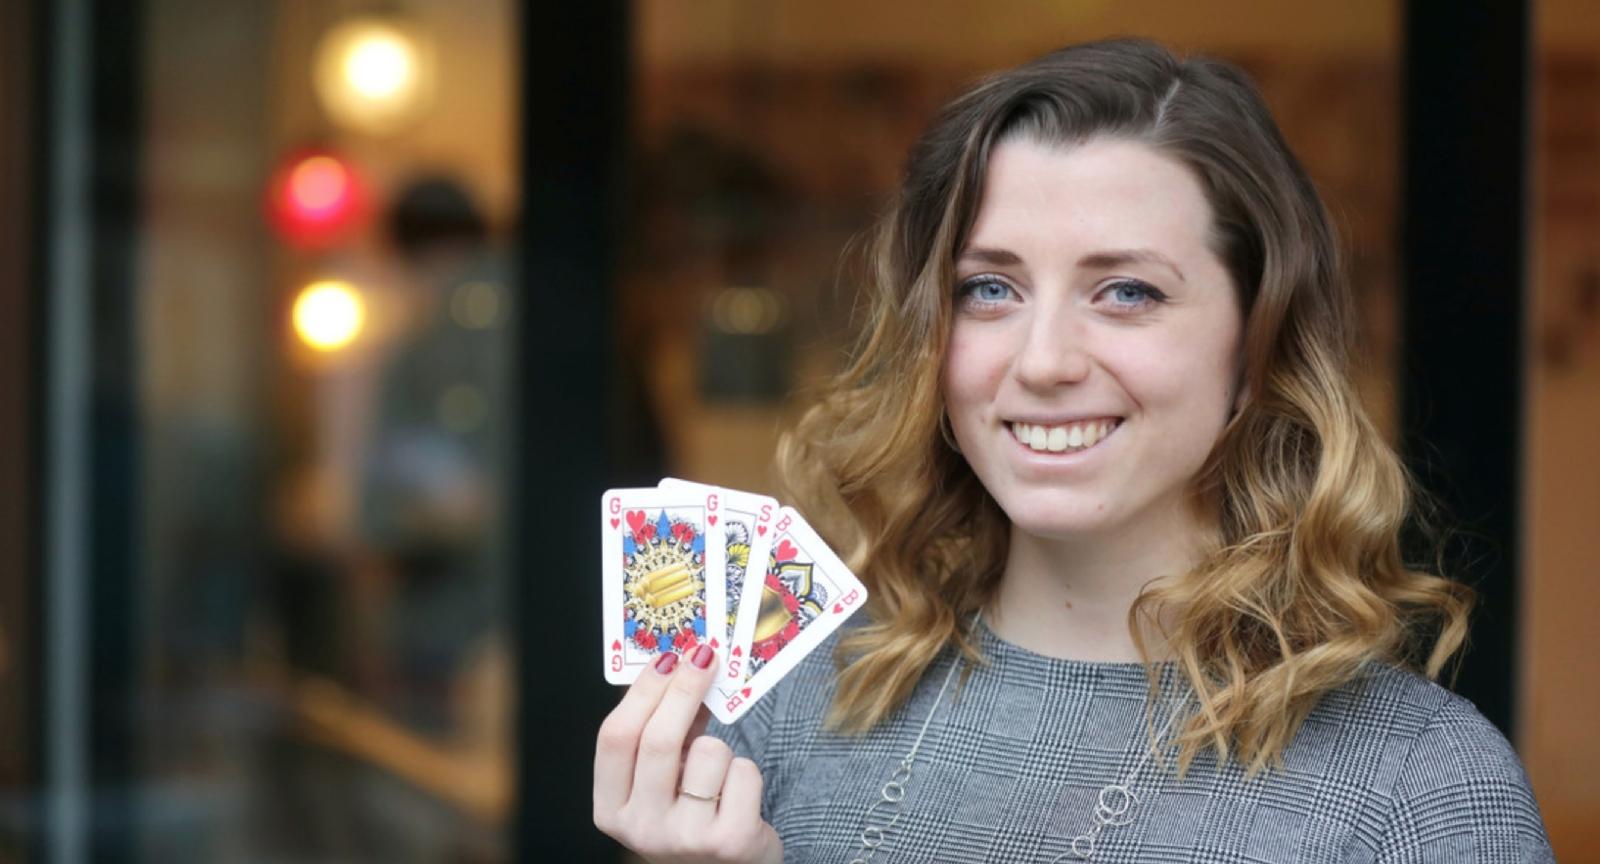 Una joven neerlandesa se inventa unos naipes de género neutro